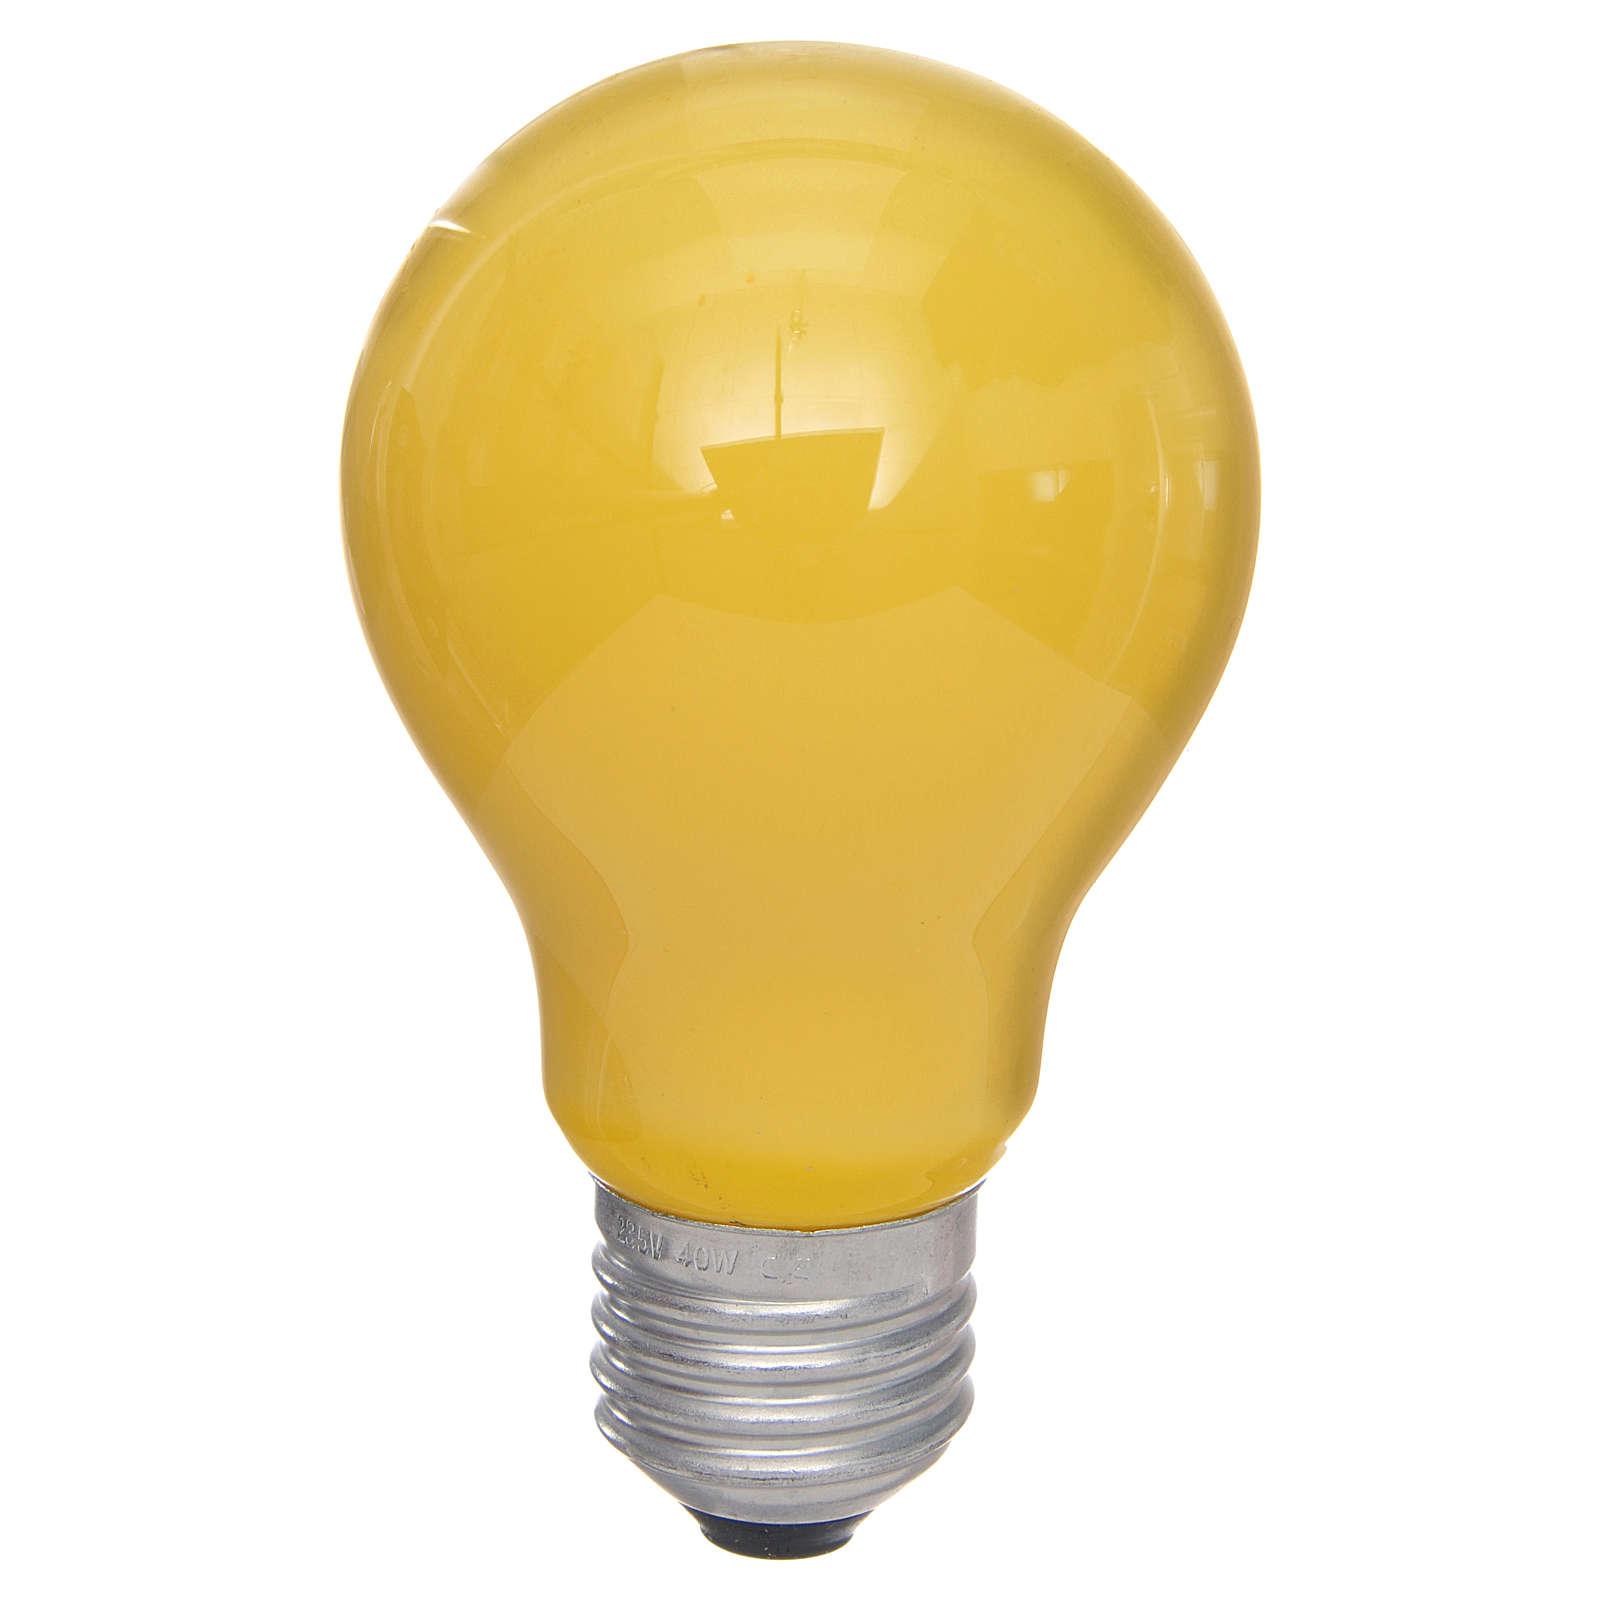 Ampoule 40W E27 jaune illumination crèche noël 4